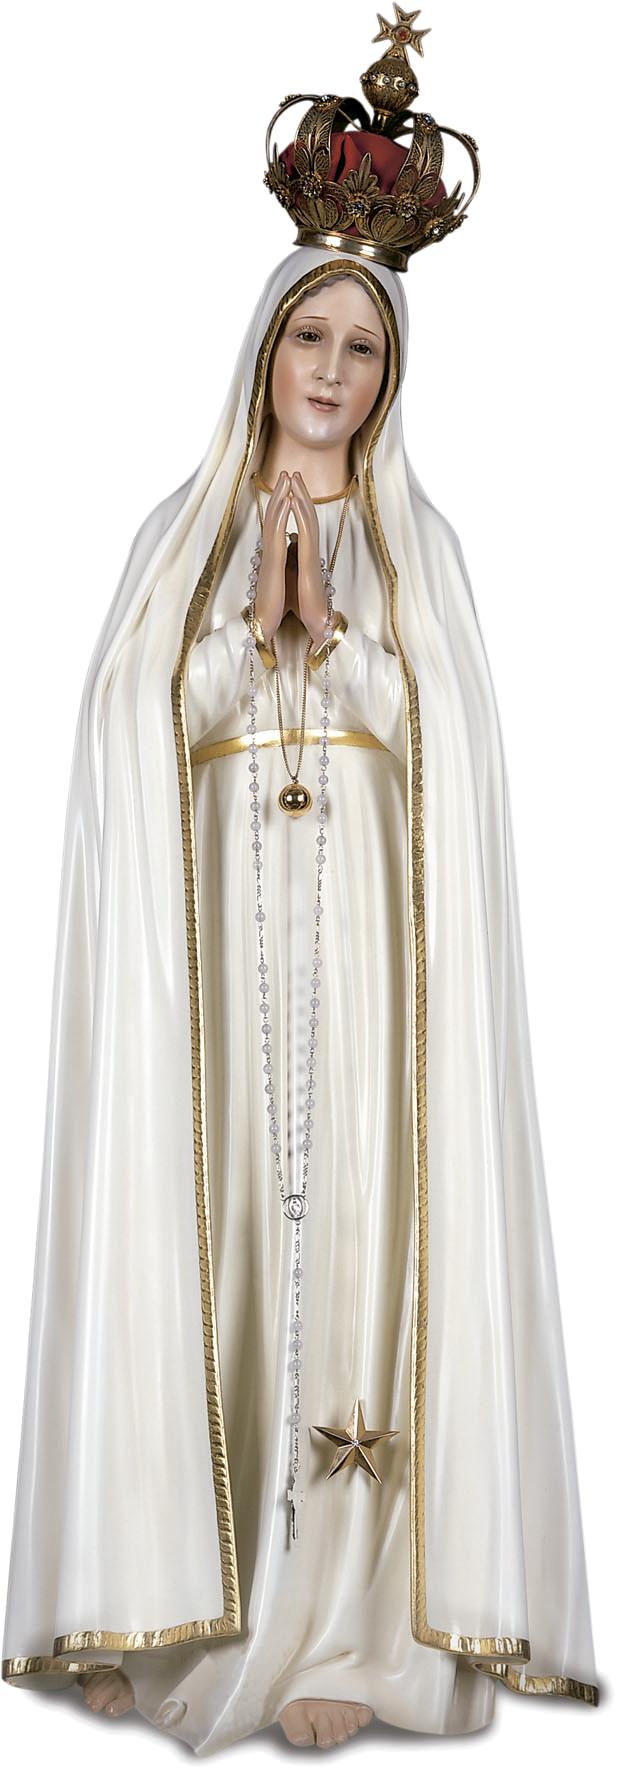 Sagrada Imagem de Nossa Senhora de Fátima